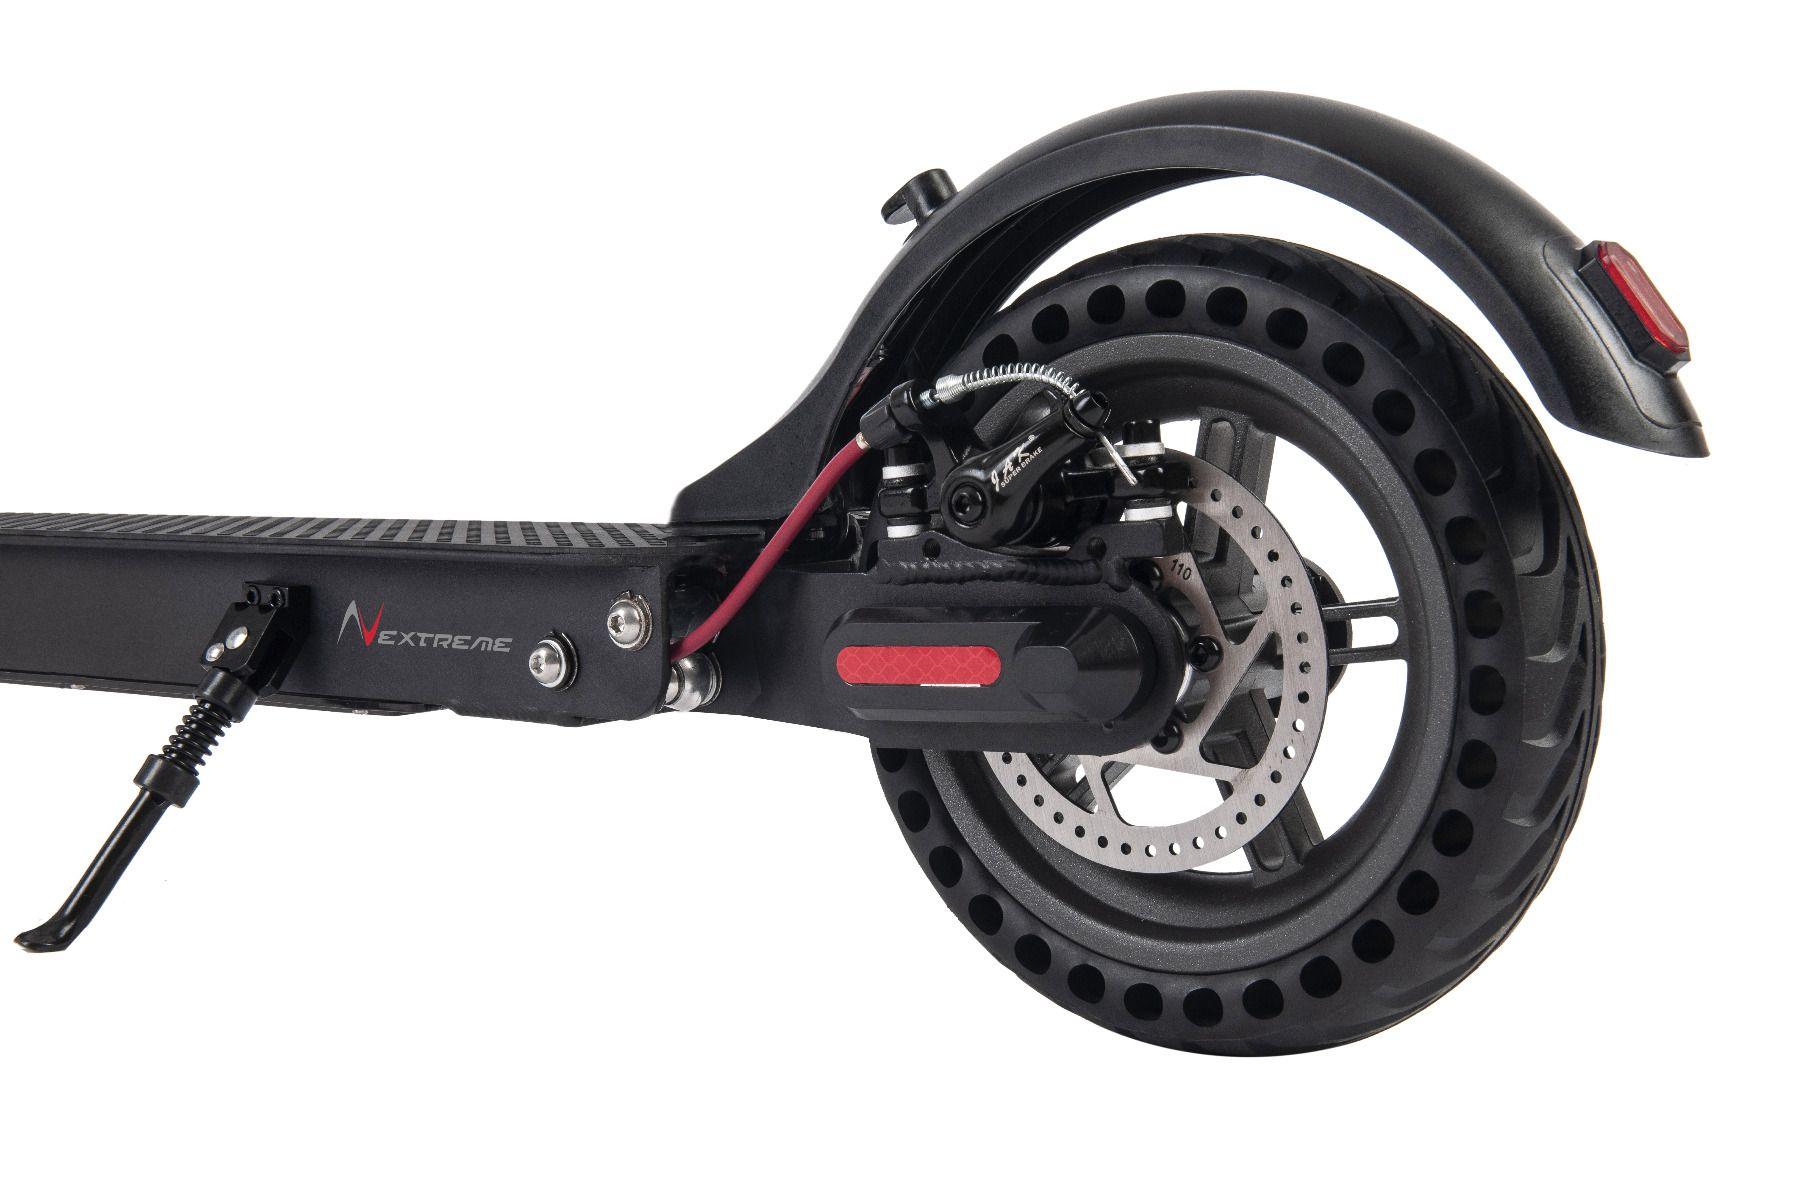 Trotineta electrica Nextreme  Tourer 10, roti diam. 25.4 cm